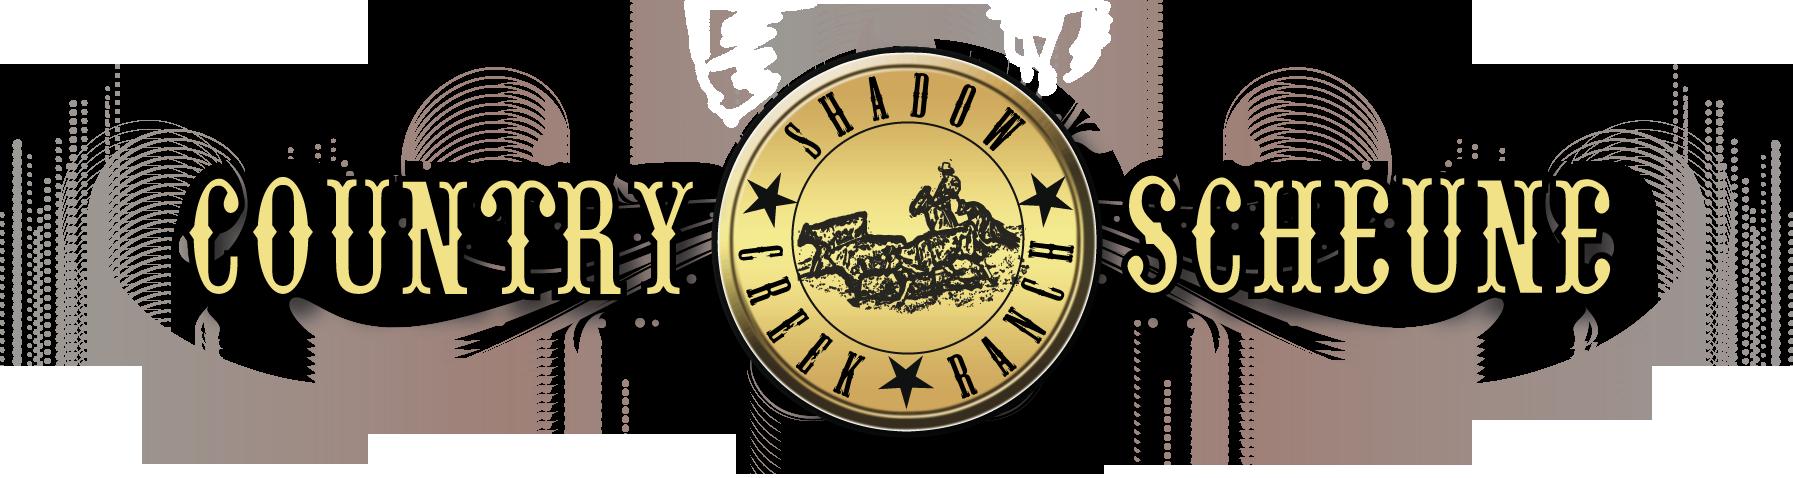 Countryscheune und Shadow Creek Ranch Einöd Logo